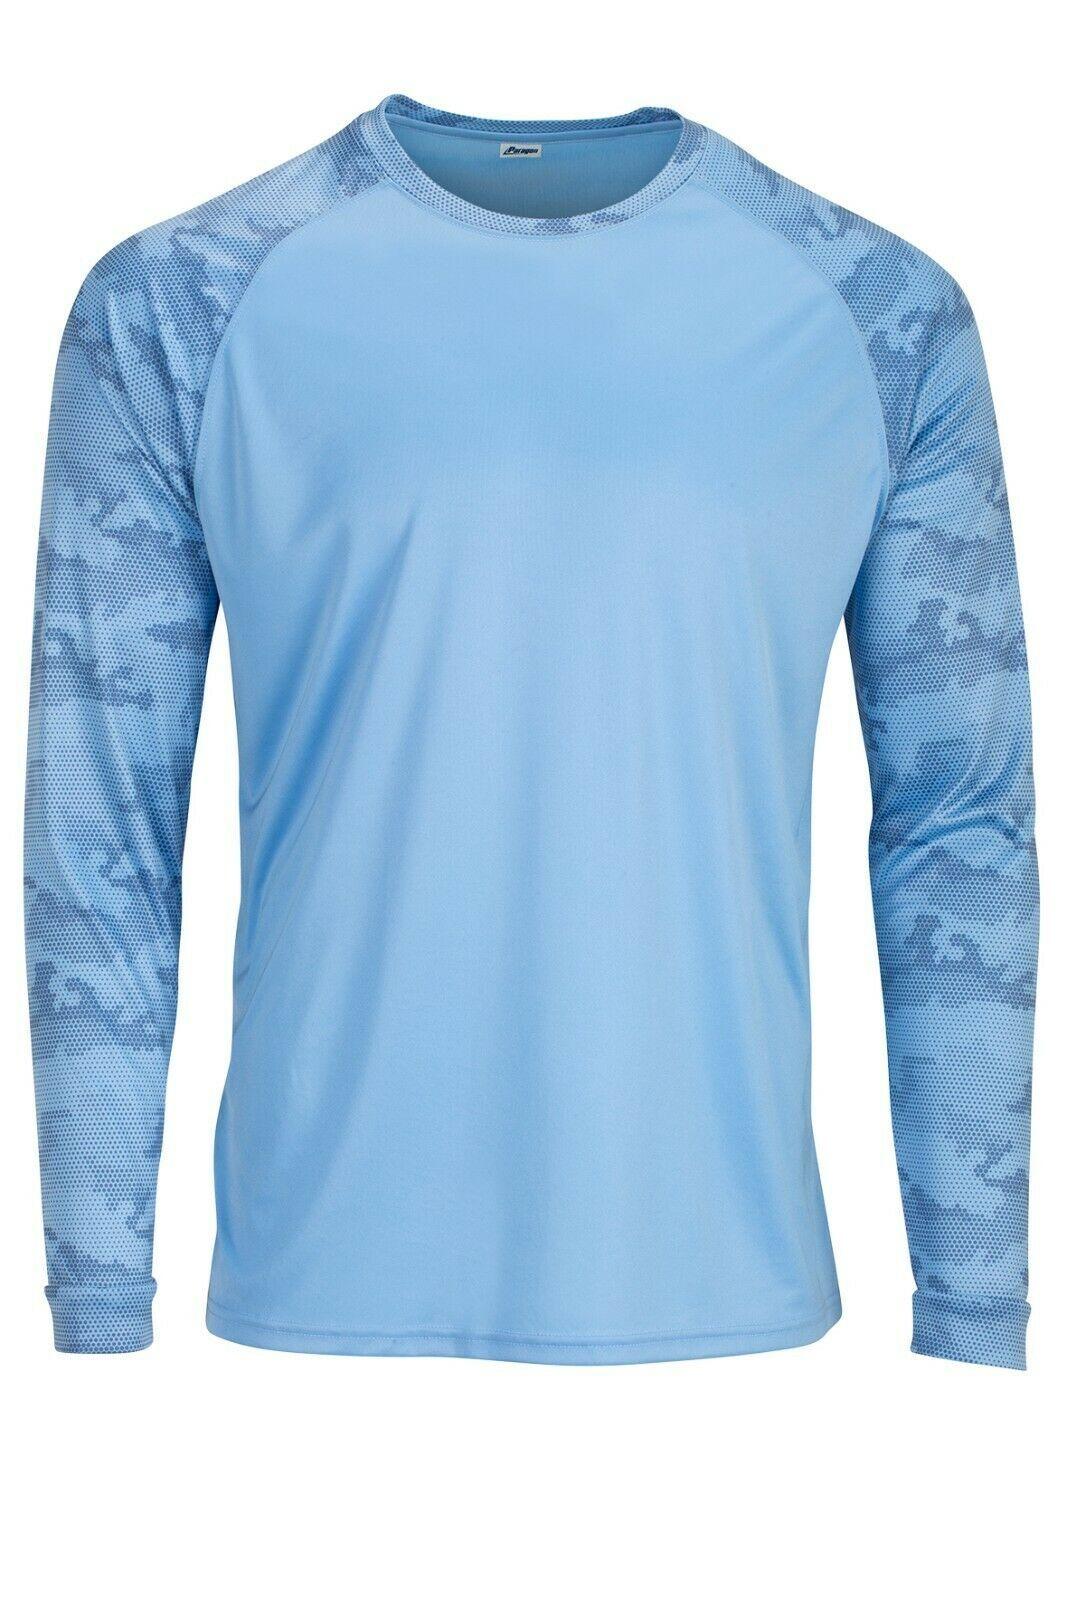 Sun Protection Long Sleeve Dri Fit Blue Mist sun shirt Camo Sleeve SPF 50+